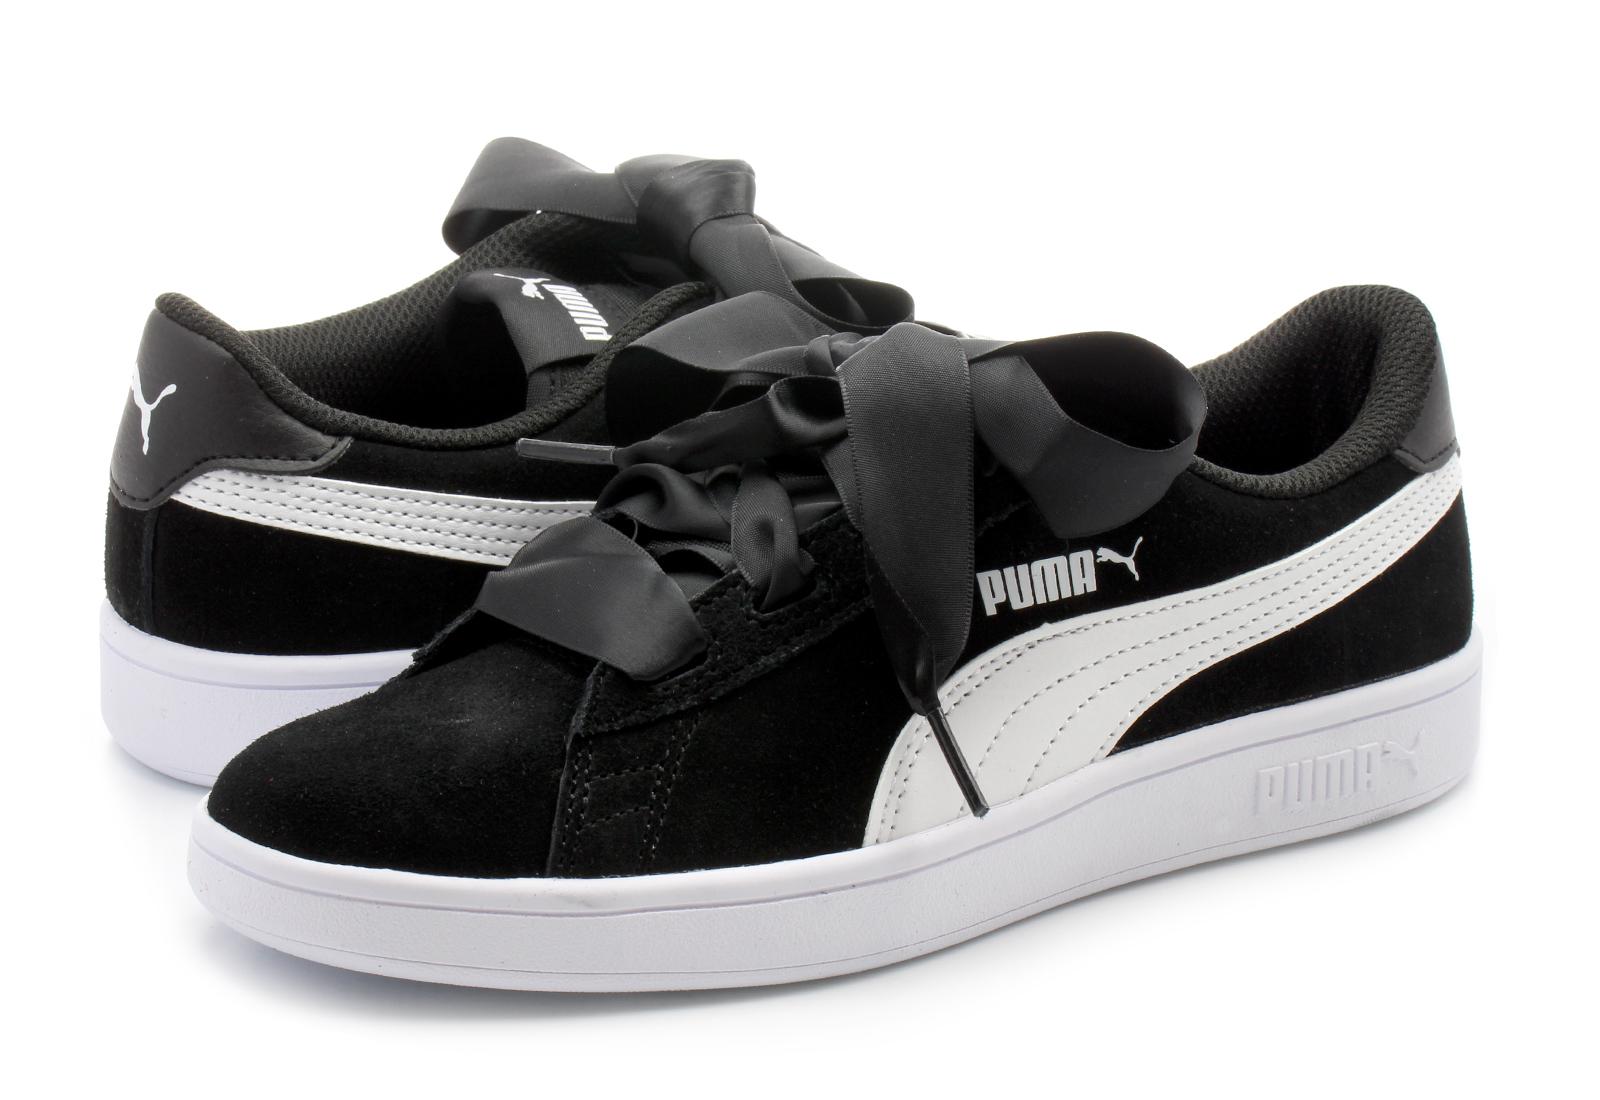 Puma Topánky - Smash V2 Ribbon Jr - 36600301-blk - Tenisky ... 3cce37651af